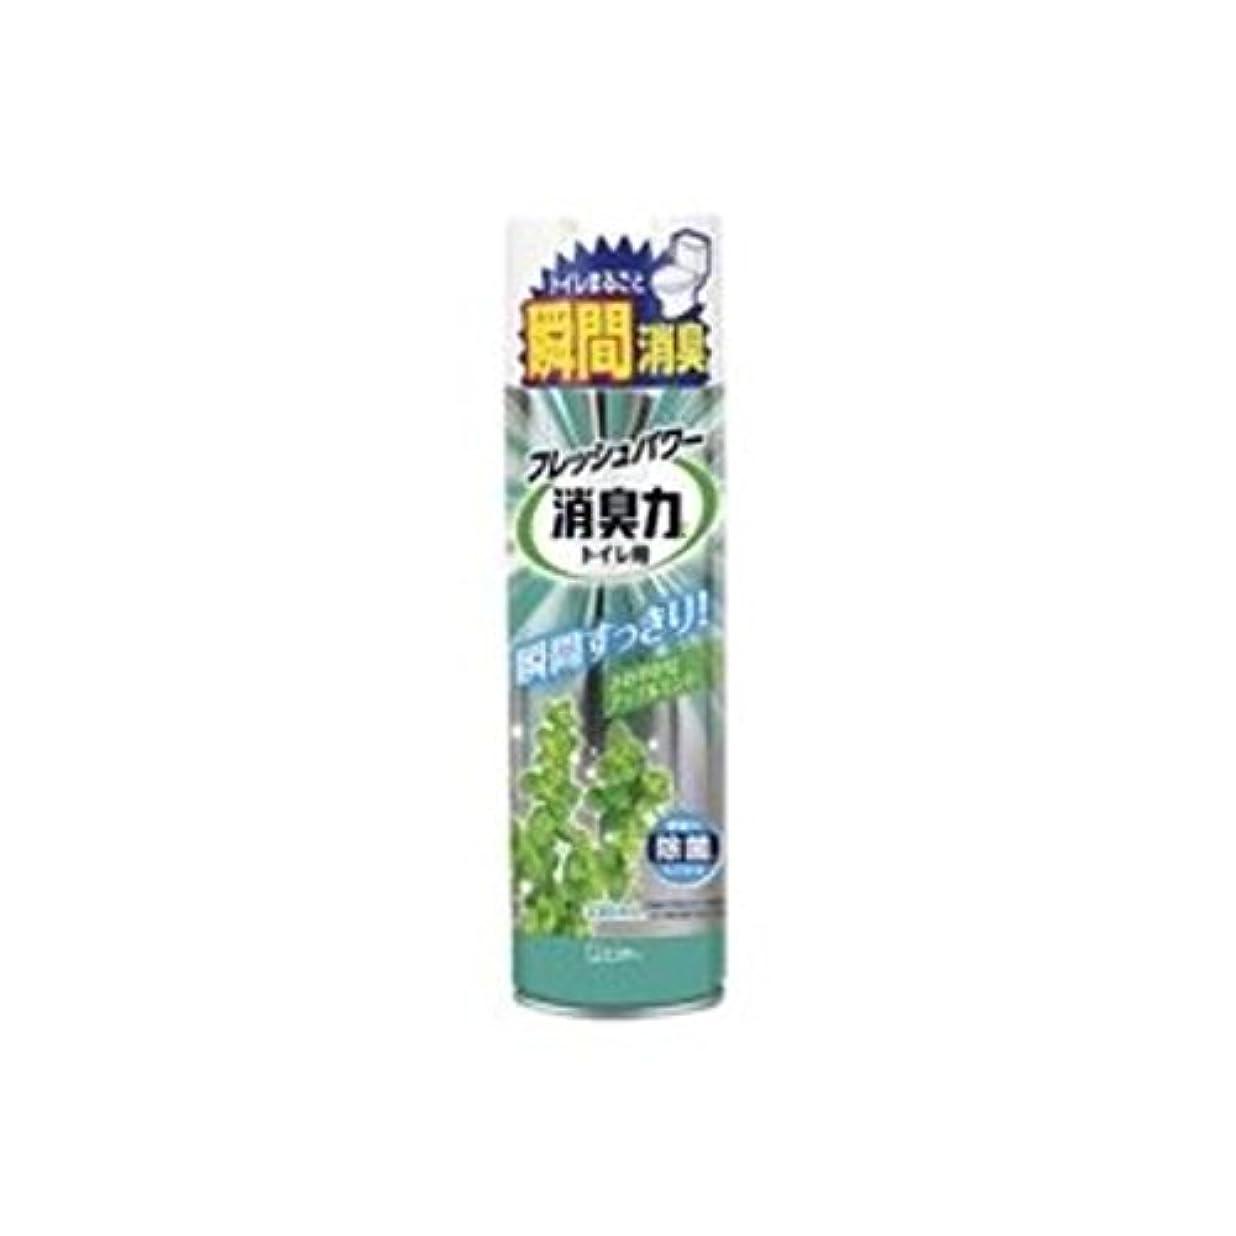 スパン選択プール(まとめ買い)エステー トイレの消臭力スプレー アップルミント6本 【×2セット】